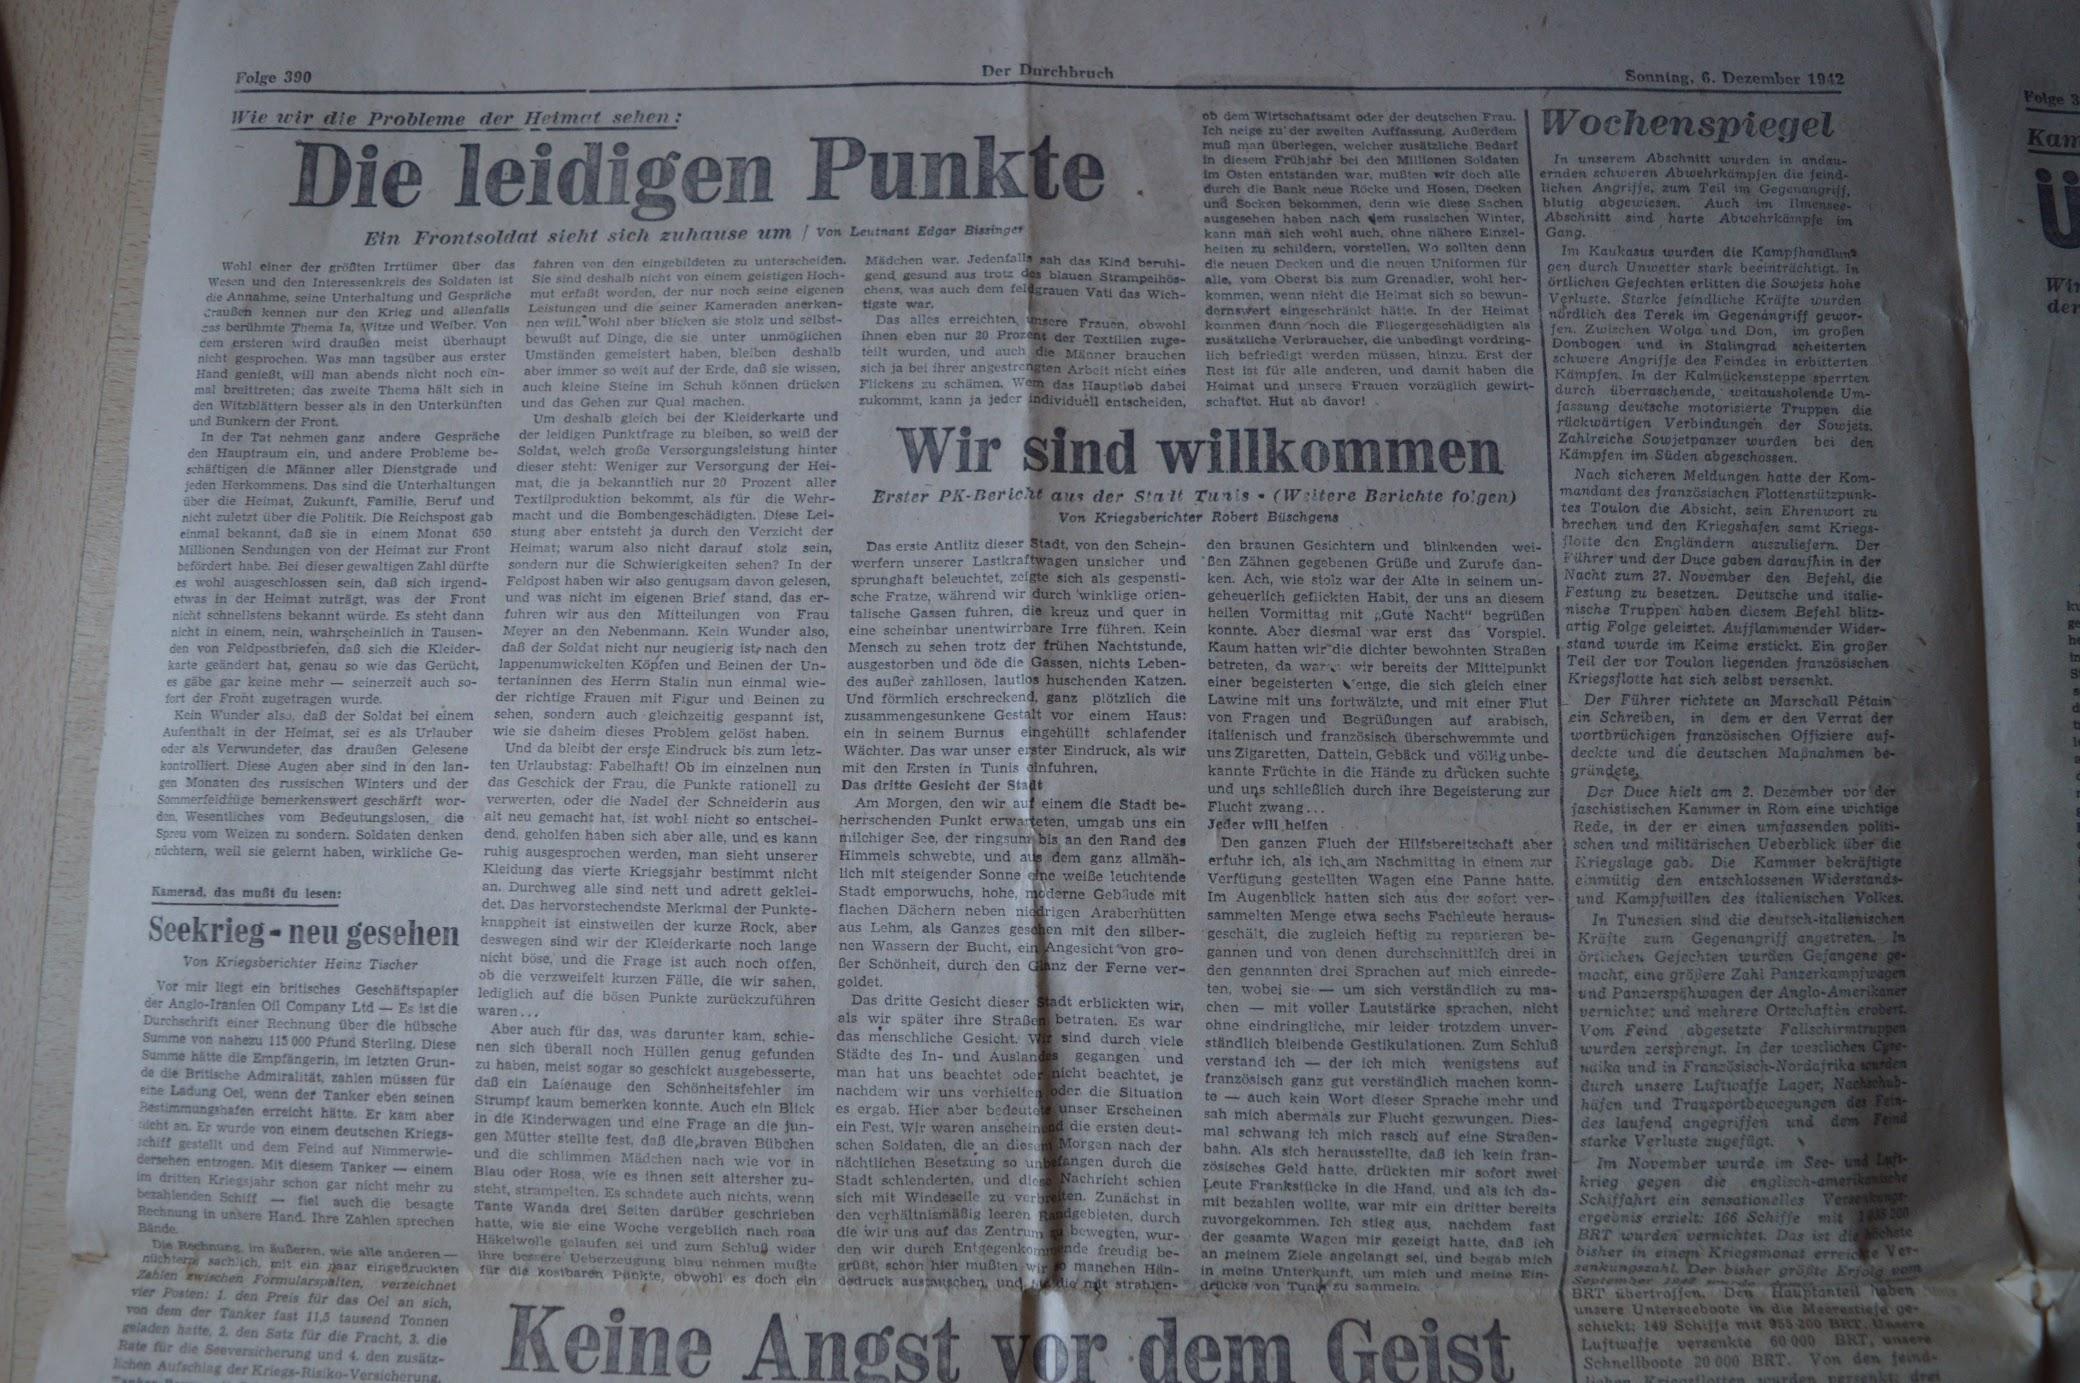 Soldatenzeitung an der Ostfront, Der Durchbruch, 6.12.1942